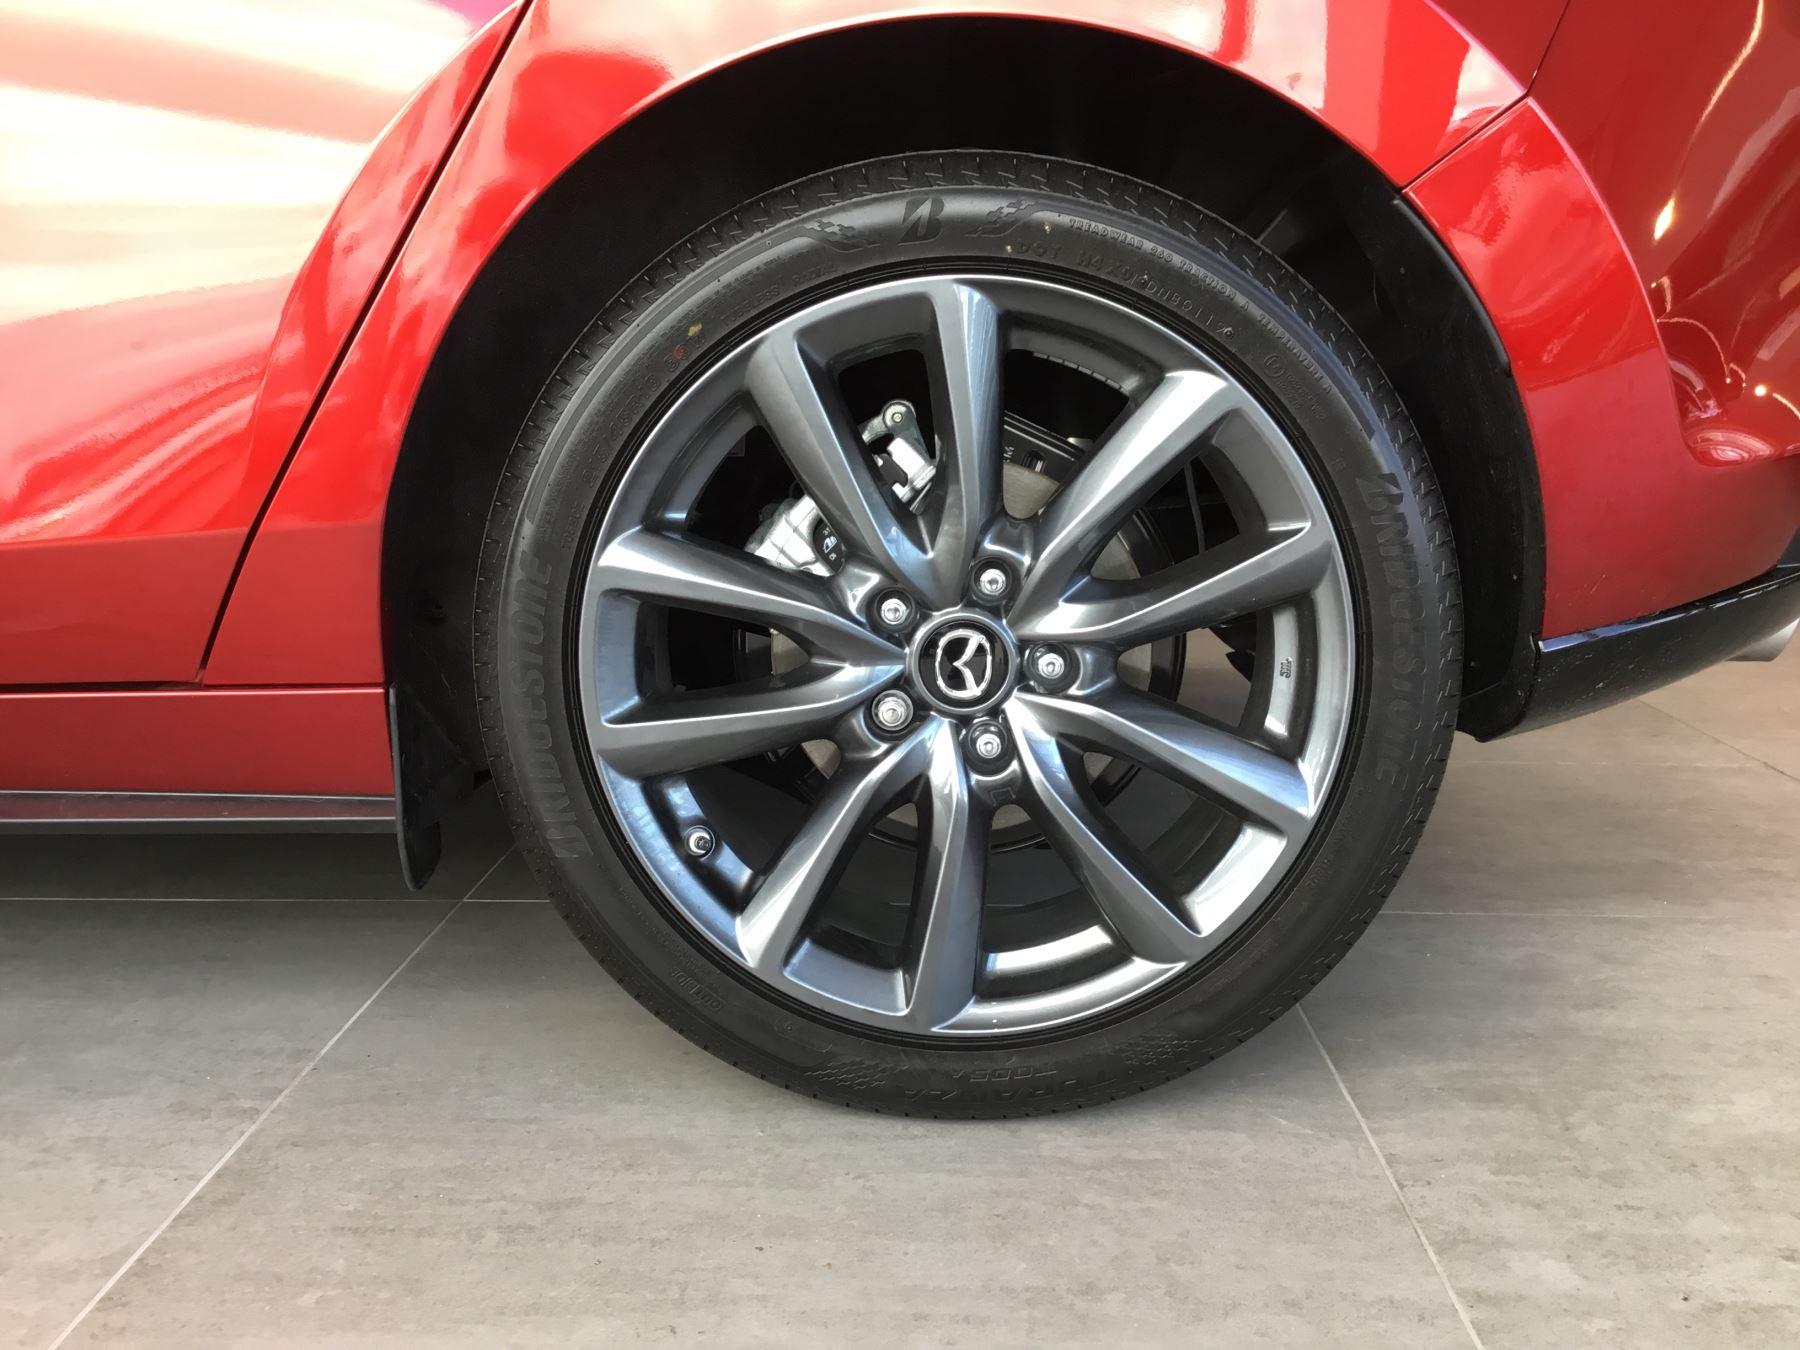 Mazda 3 2.0 GT Sport 5dr image 4